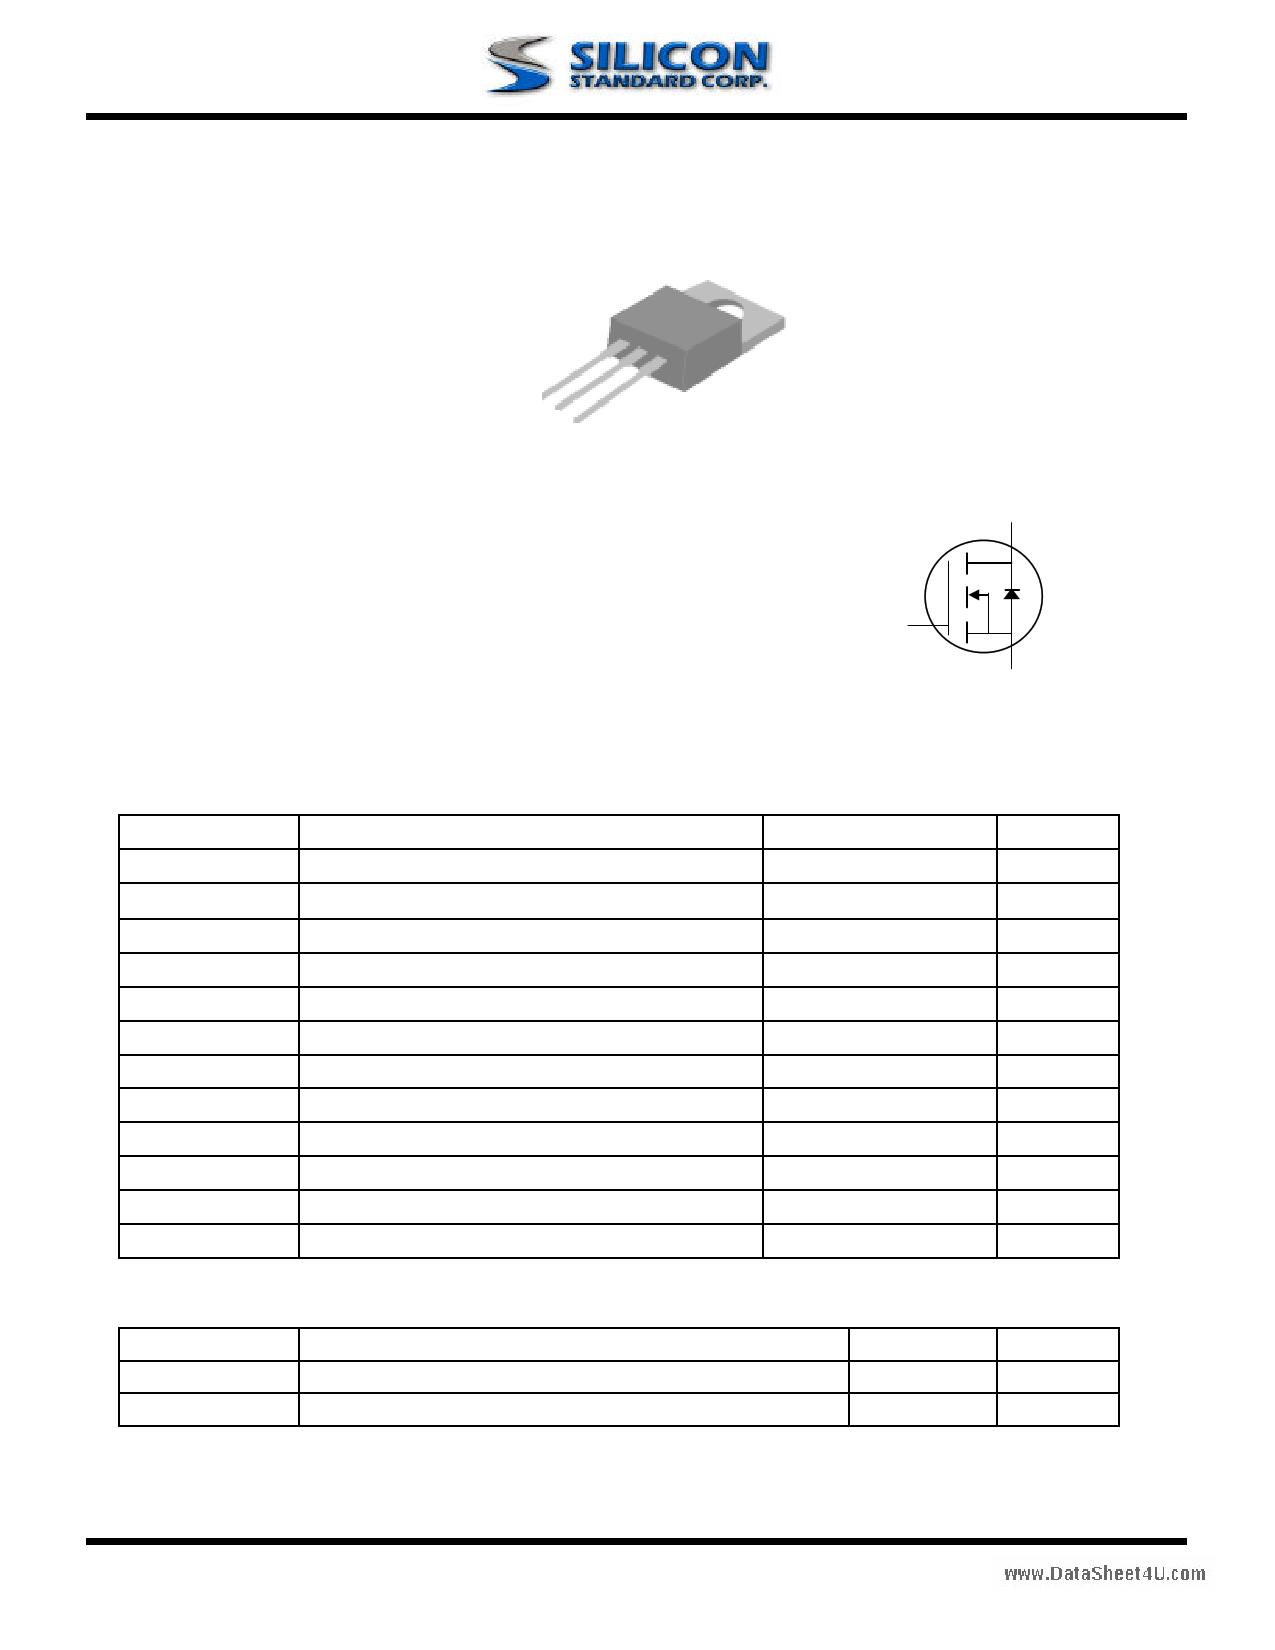 02N60P datasheet image